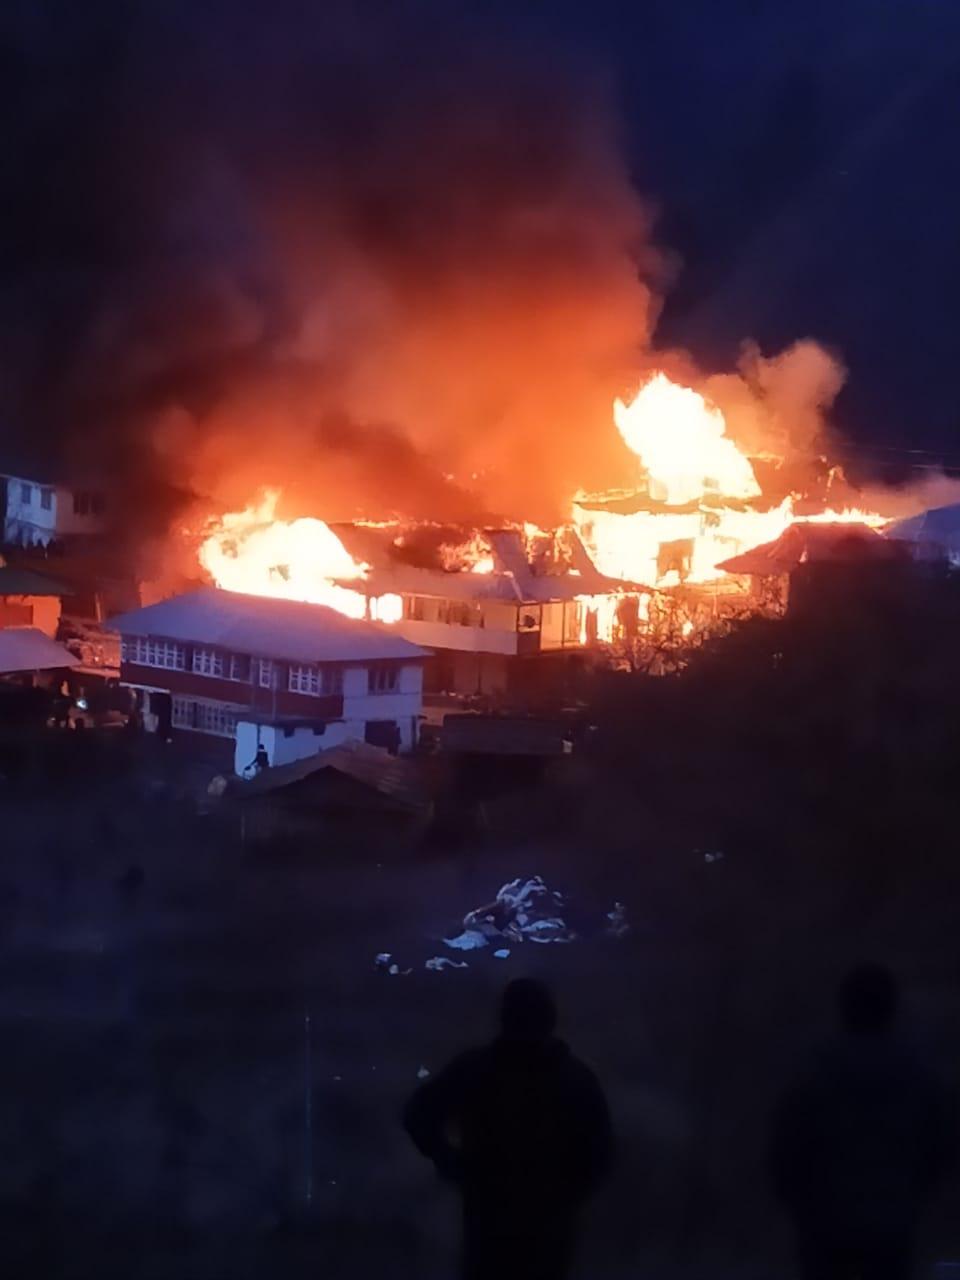 रोहड़ू के बागी गांव में 13 मकान पूरी तरह जलकर खाक, 4 को आंशिक नुकसान, रात 10 बजे पाया काबू